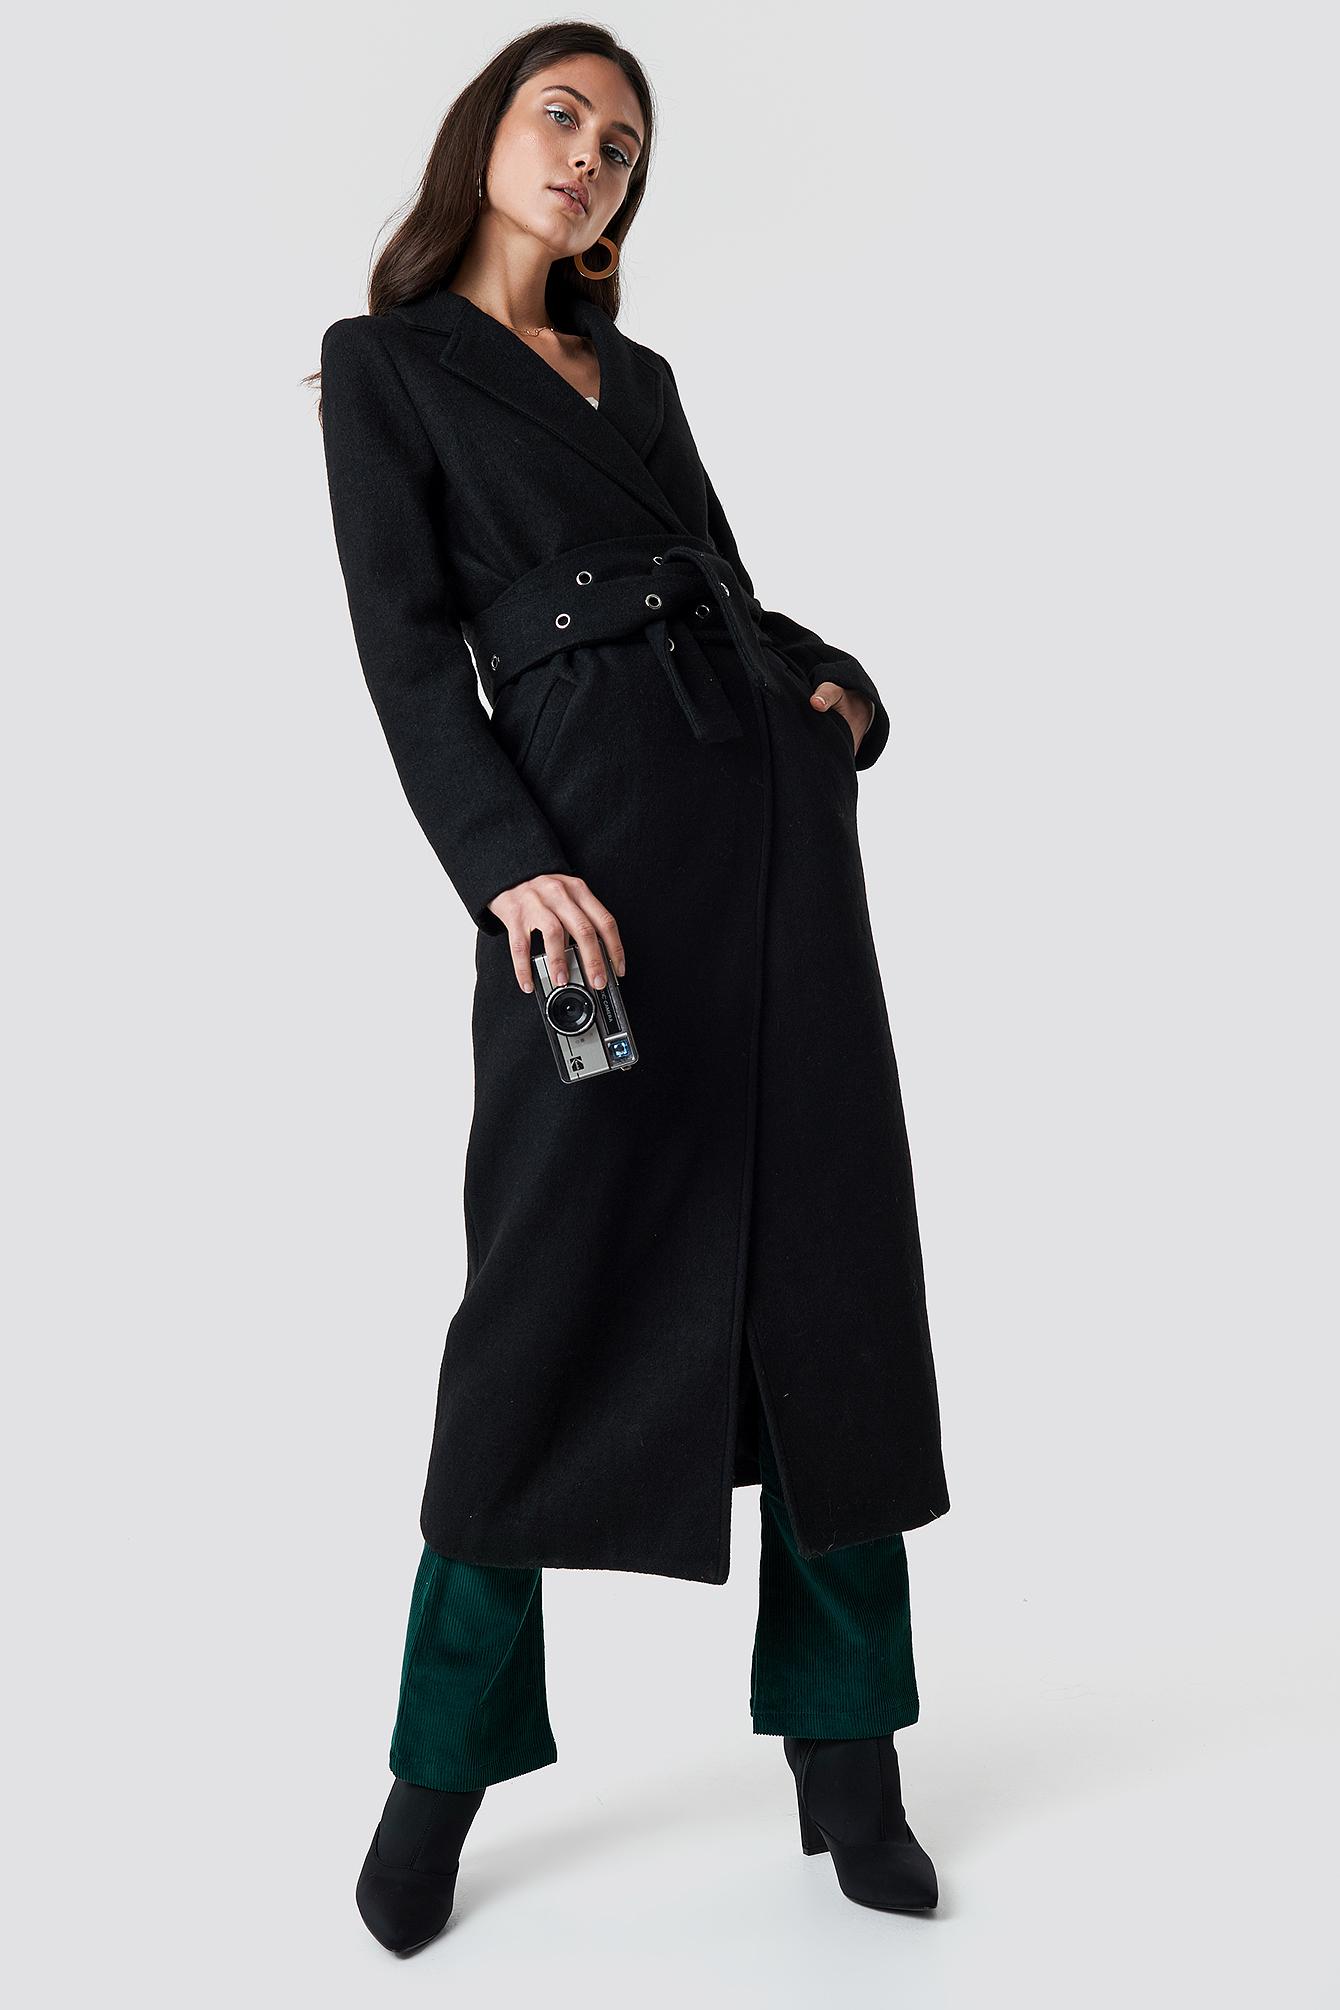 Manteau noir ceinturé – Nakd